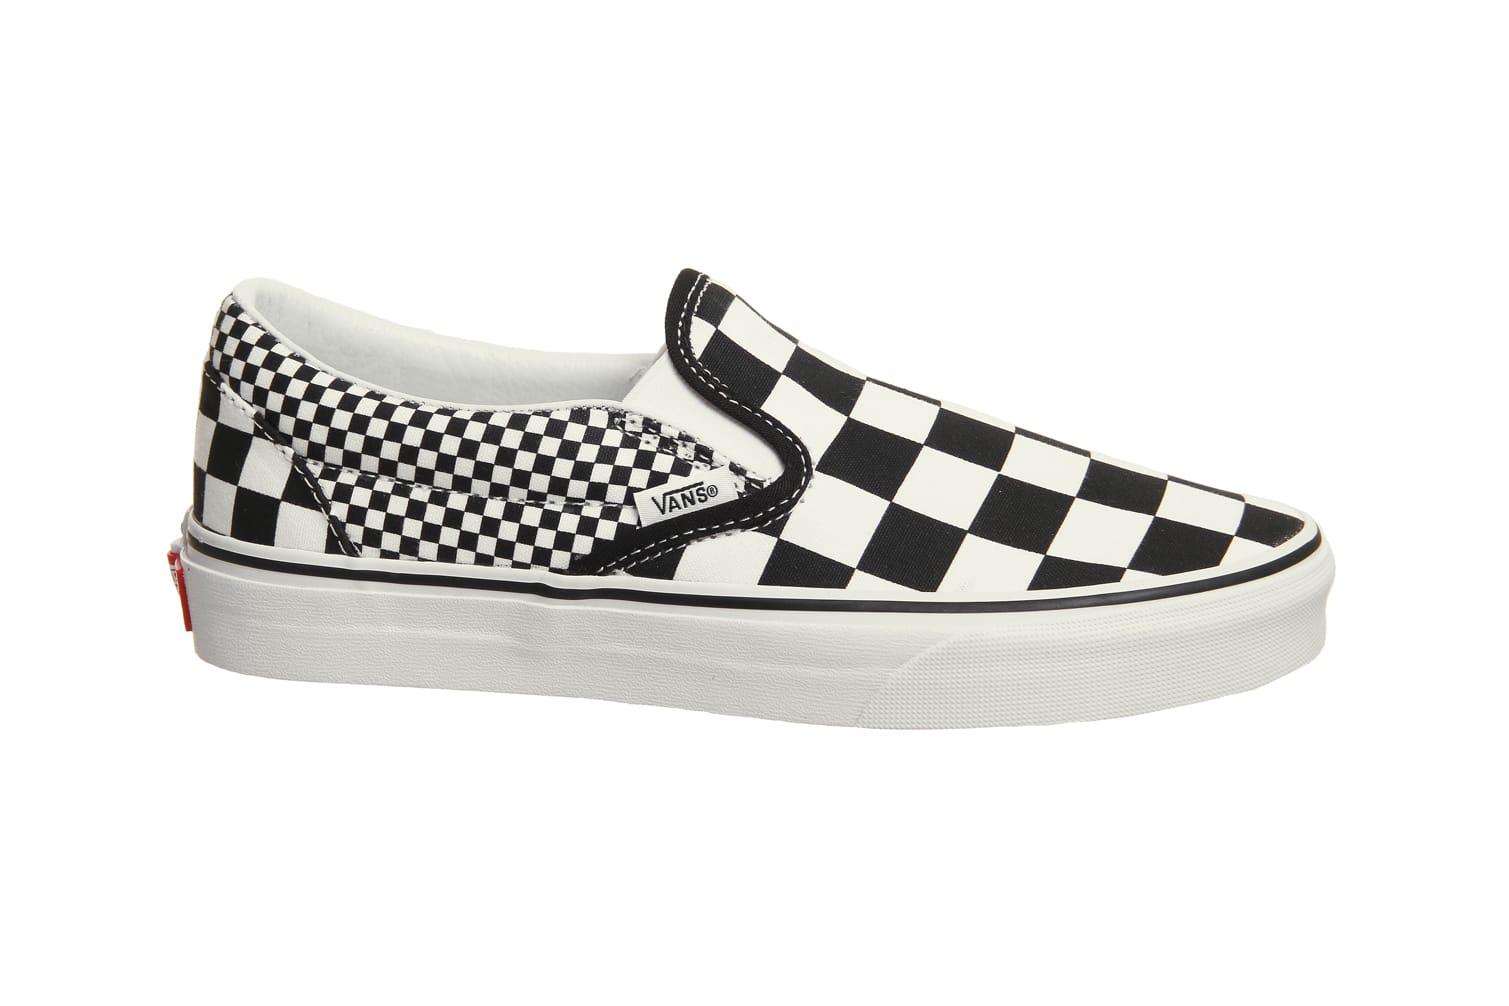 Vans Releases Mixed Checkerboard Slip